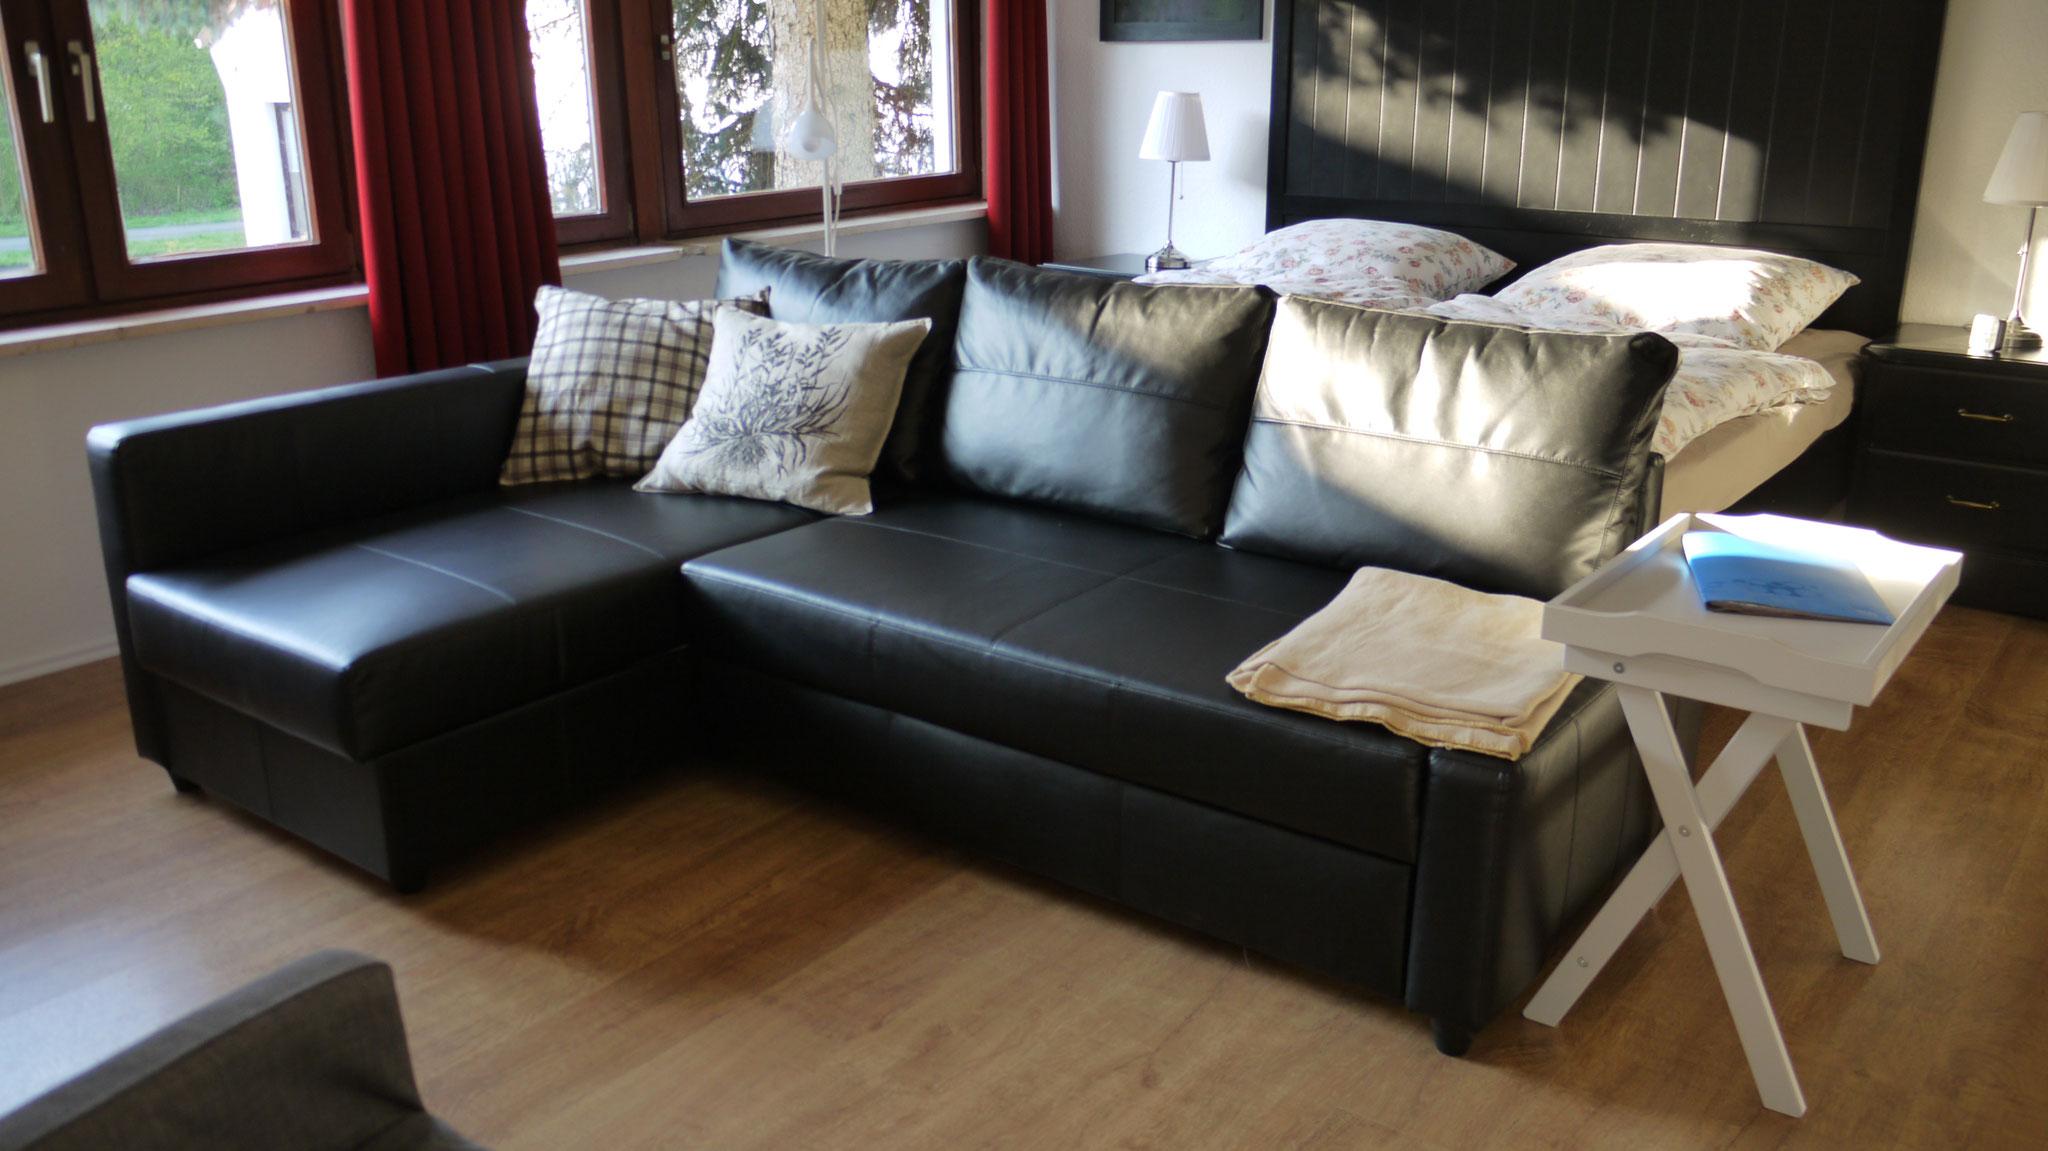 Wohnbereich - Couch